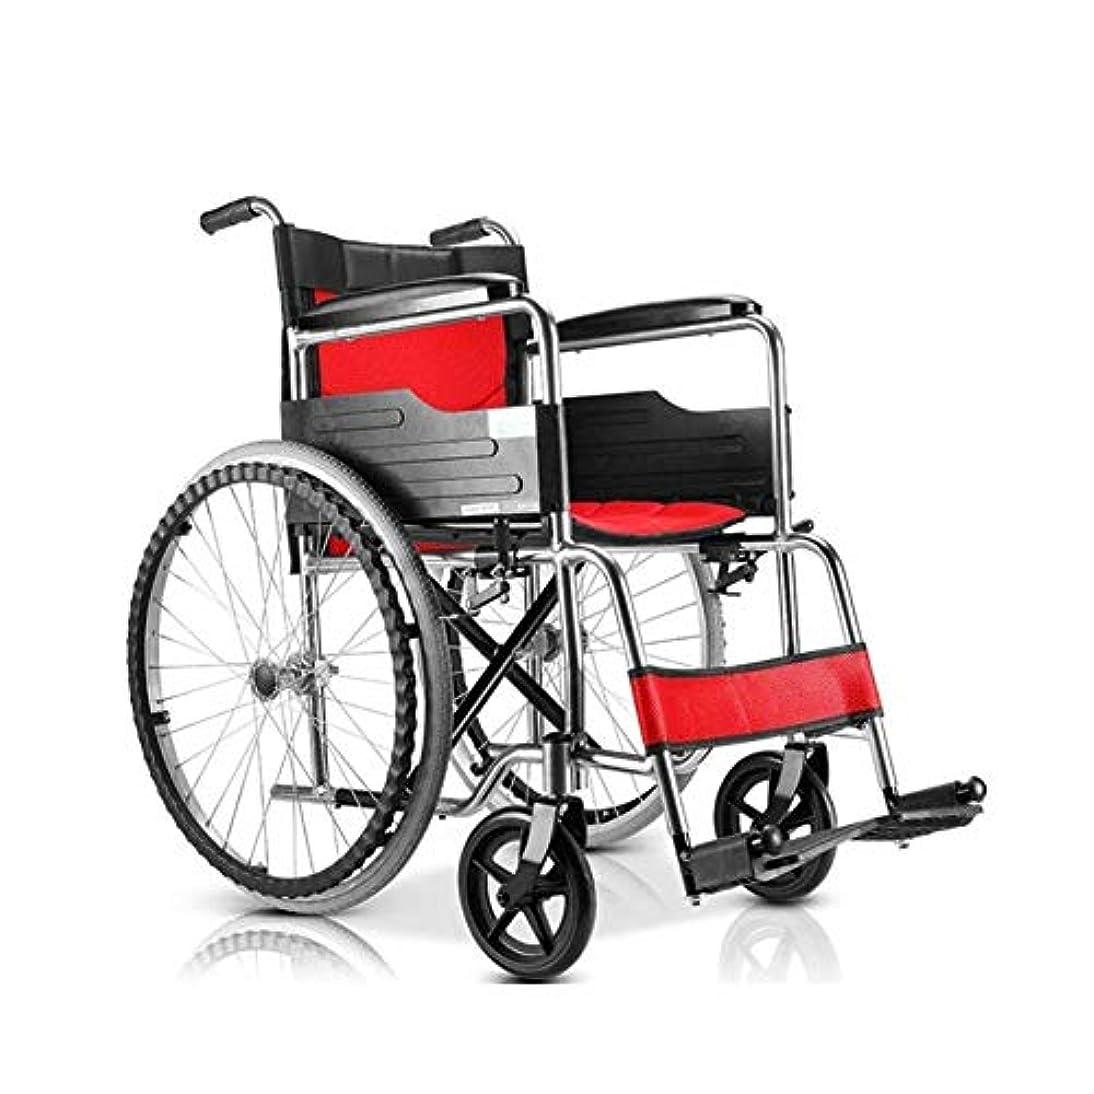 ブリード愛国的な忠実な自走式車椅子、高齢者、身体障害者、身体障害者向けの軽量モビリティデバイス、ポータブル車椅子